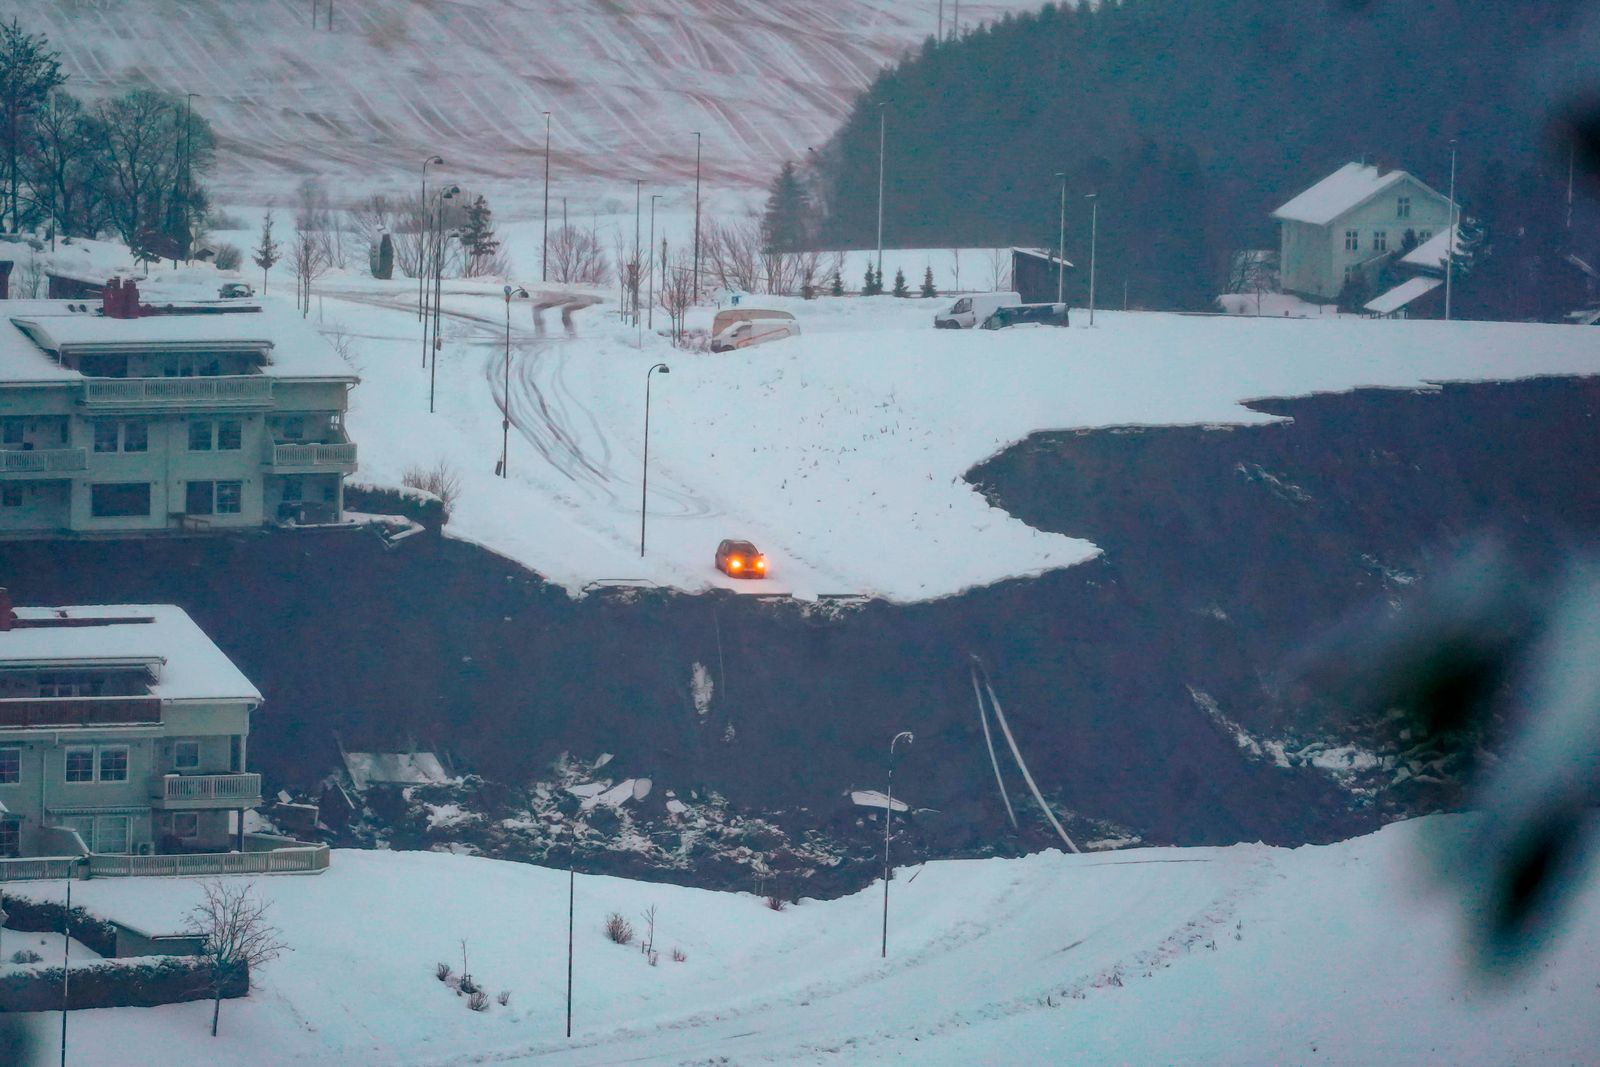 TOPSHOT-NORWAY-LANDSLIDE